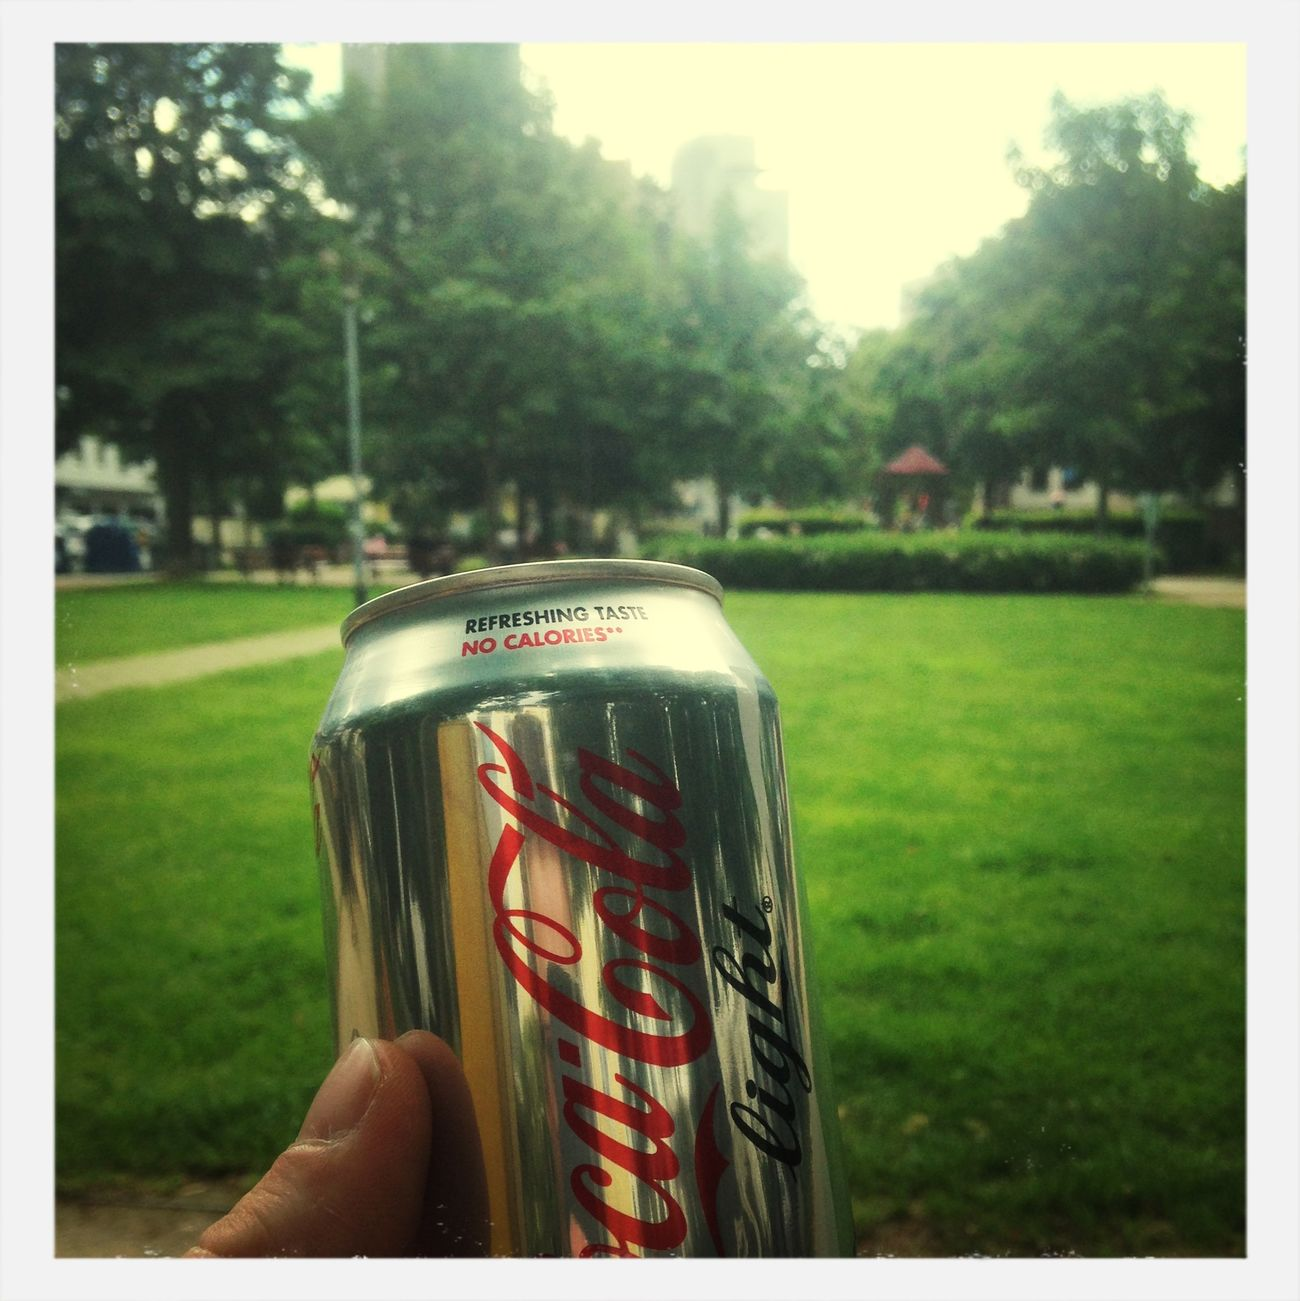 Coke, baby!